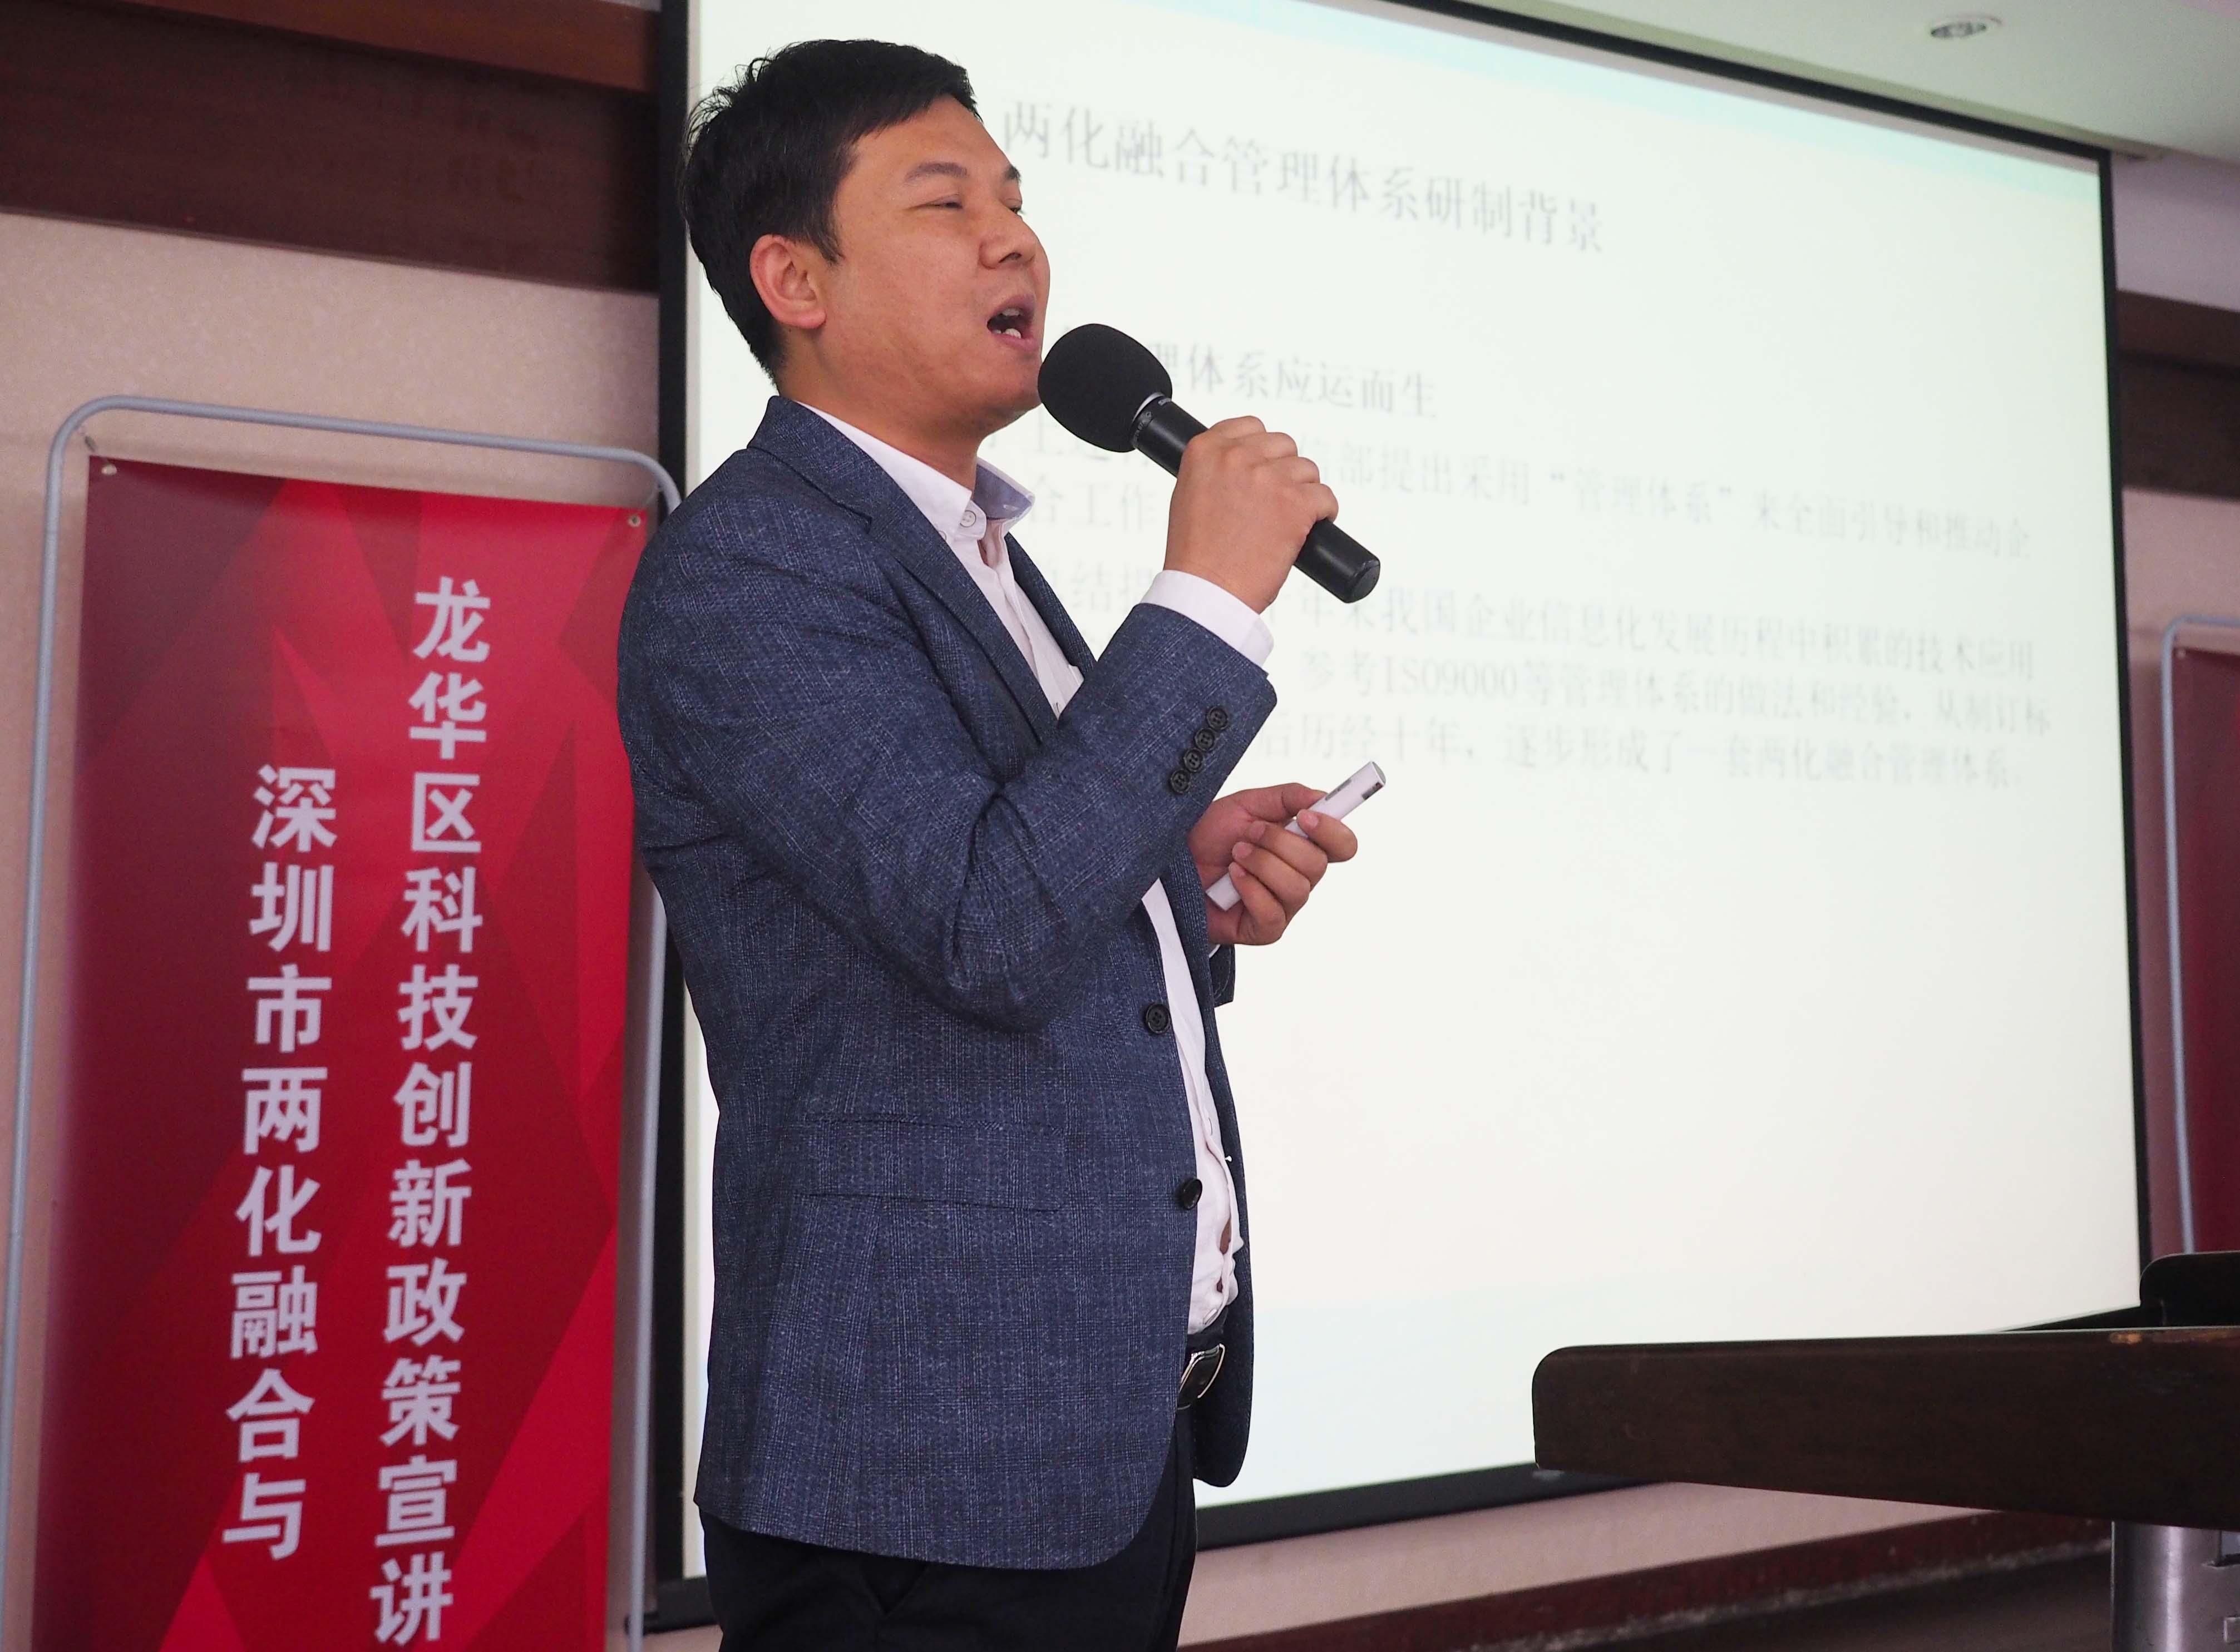 """深圳市""""两化亚搏视频""""与龙华区科技创新宣讲会落幕"""